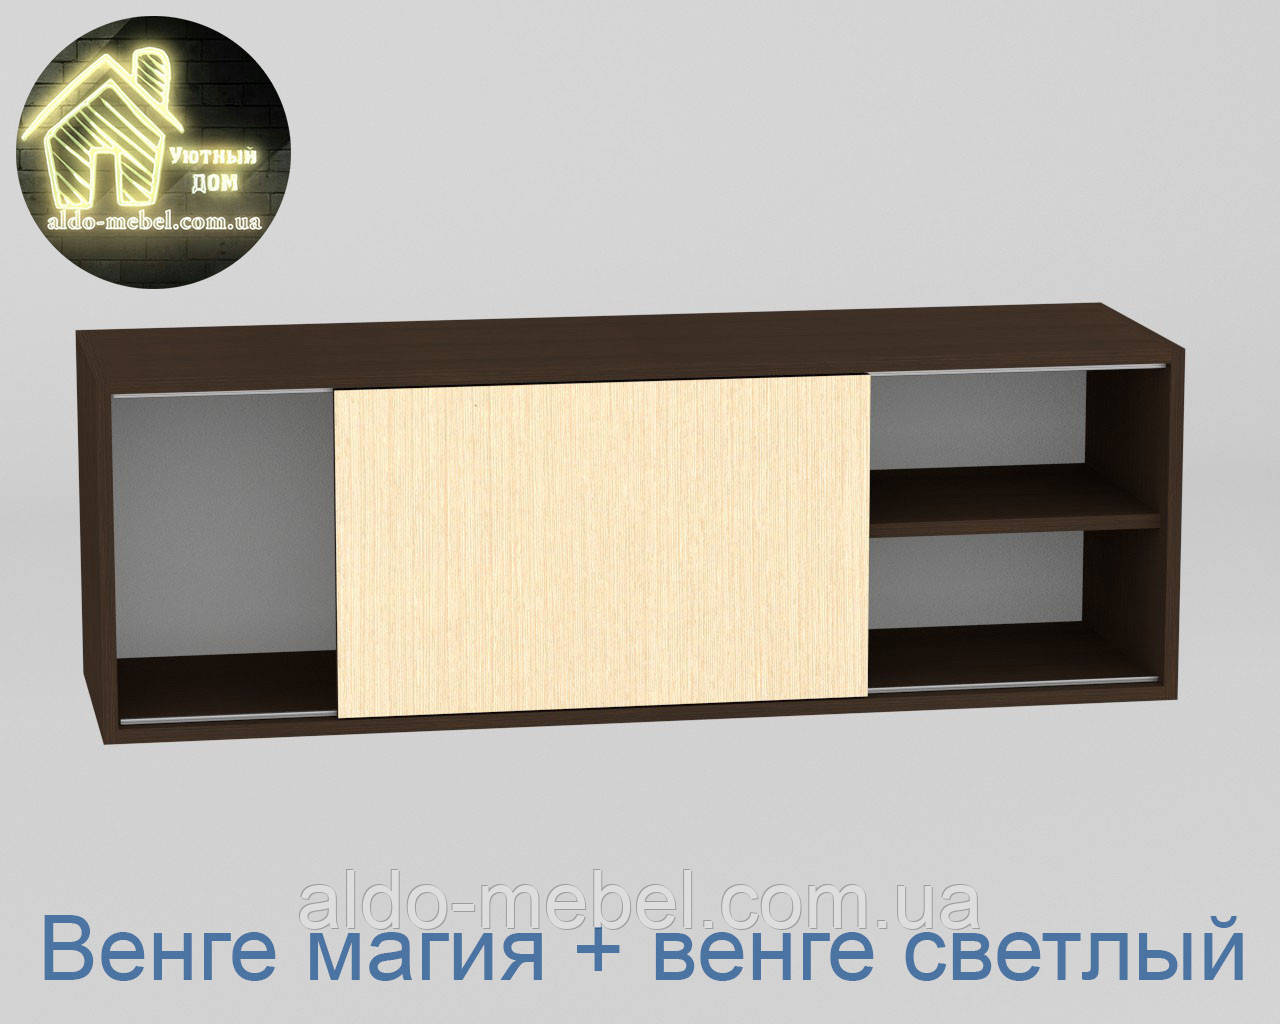 Полка П - 4 NEW Габариты Ш - 1204 мм; В - 400 мм; Г - 350 мм (Компанит)